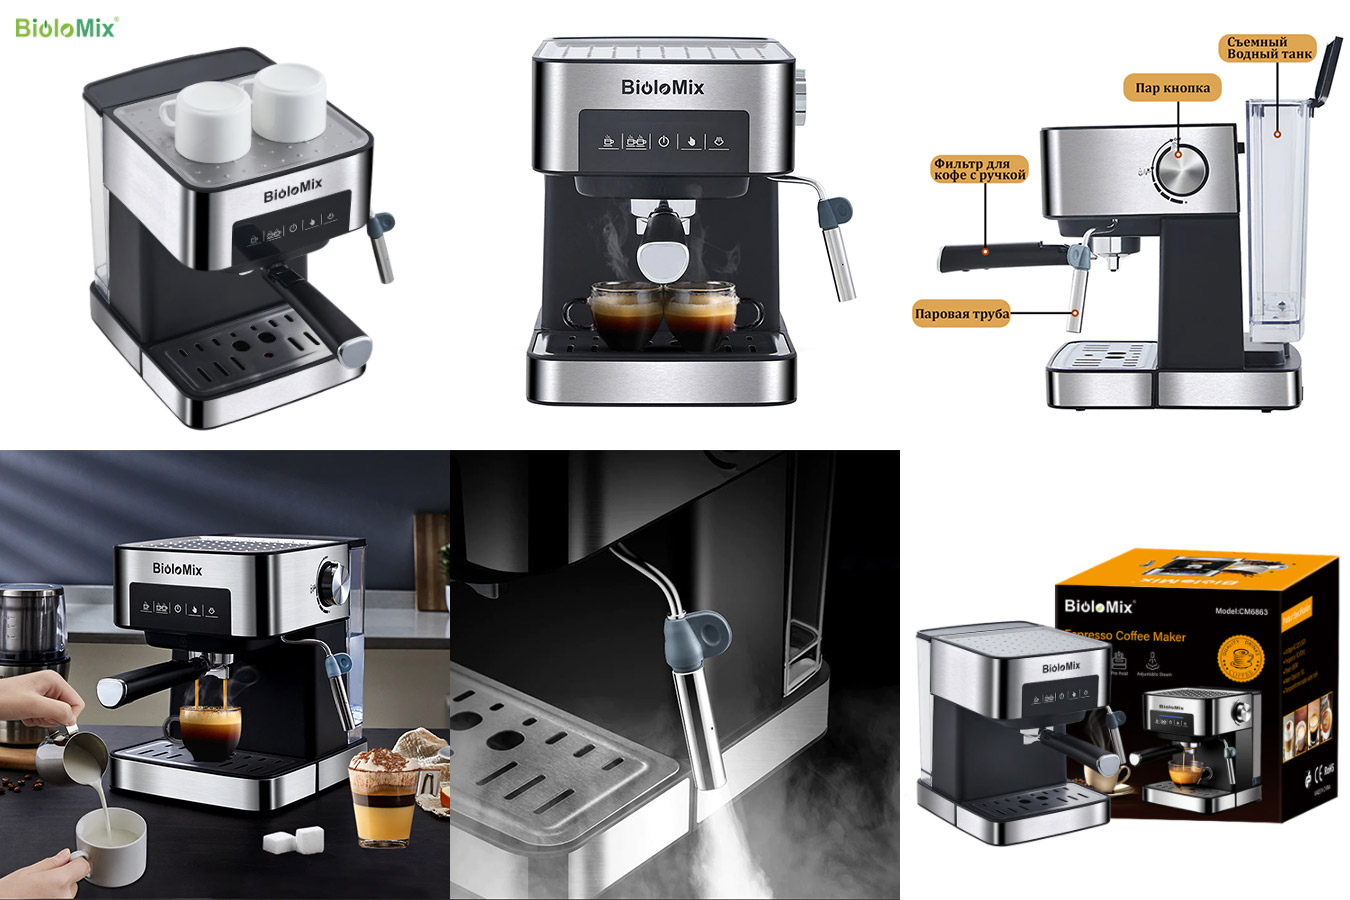 Мощная эспрессо-машина BioloMix